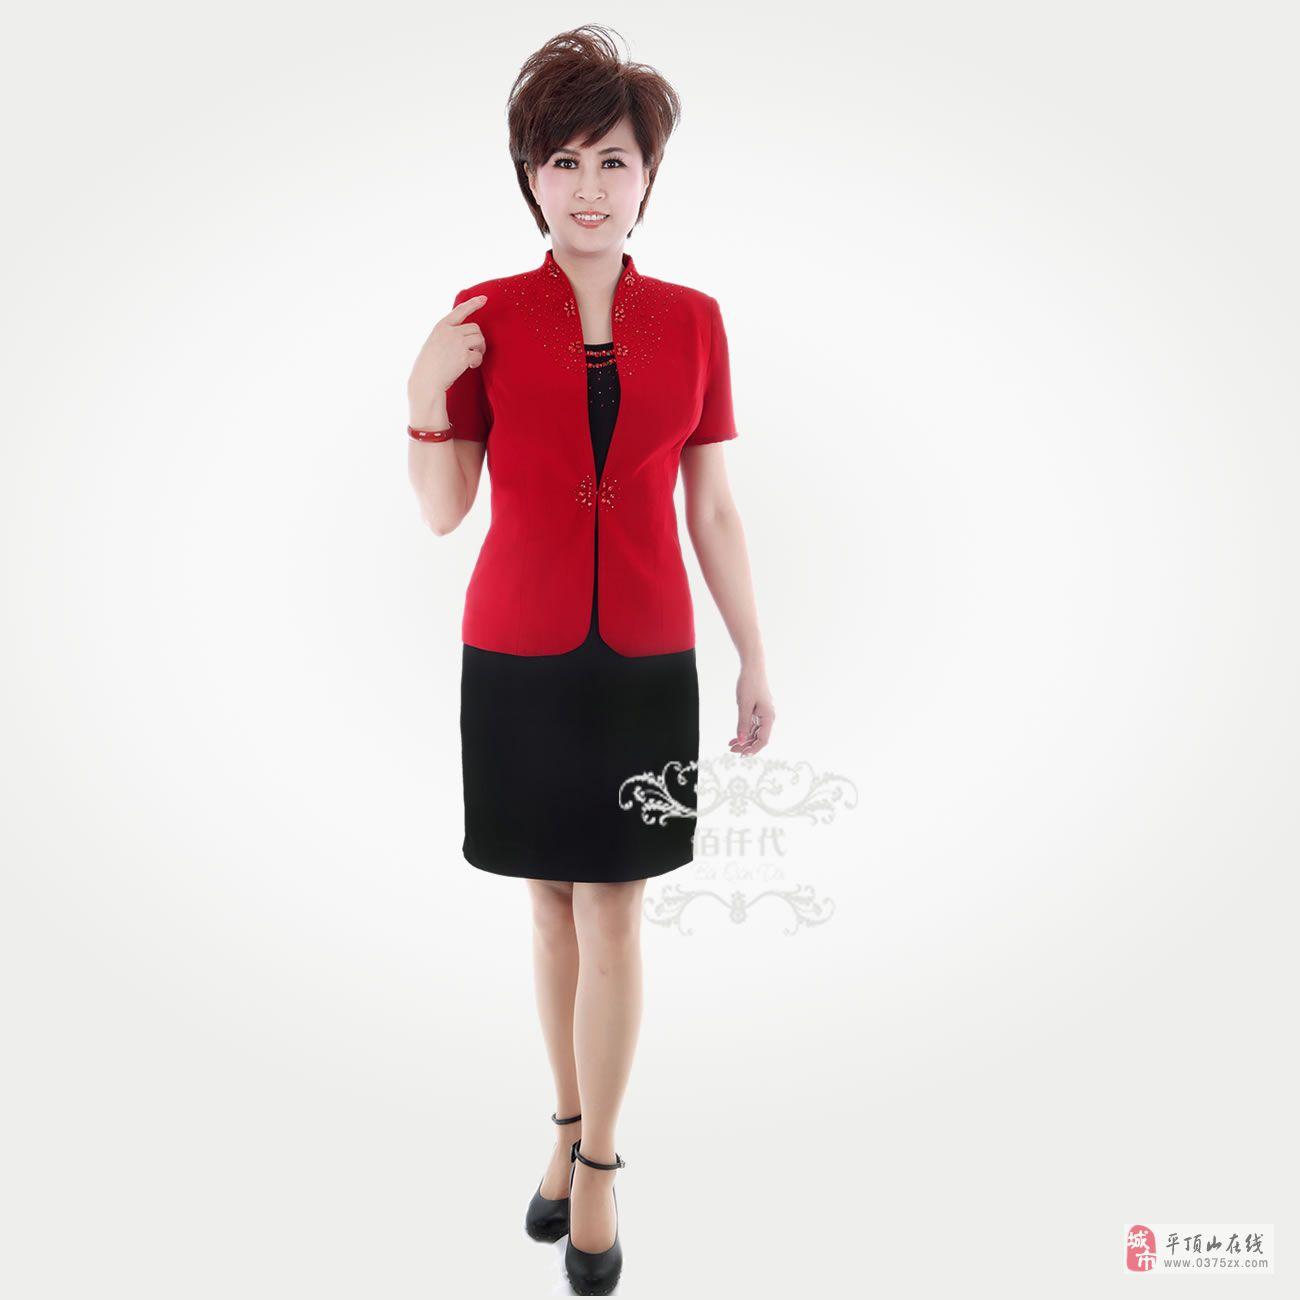 上海女人……